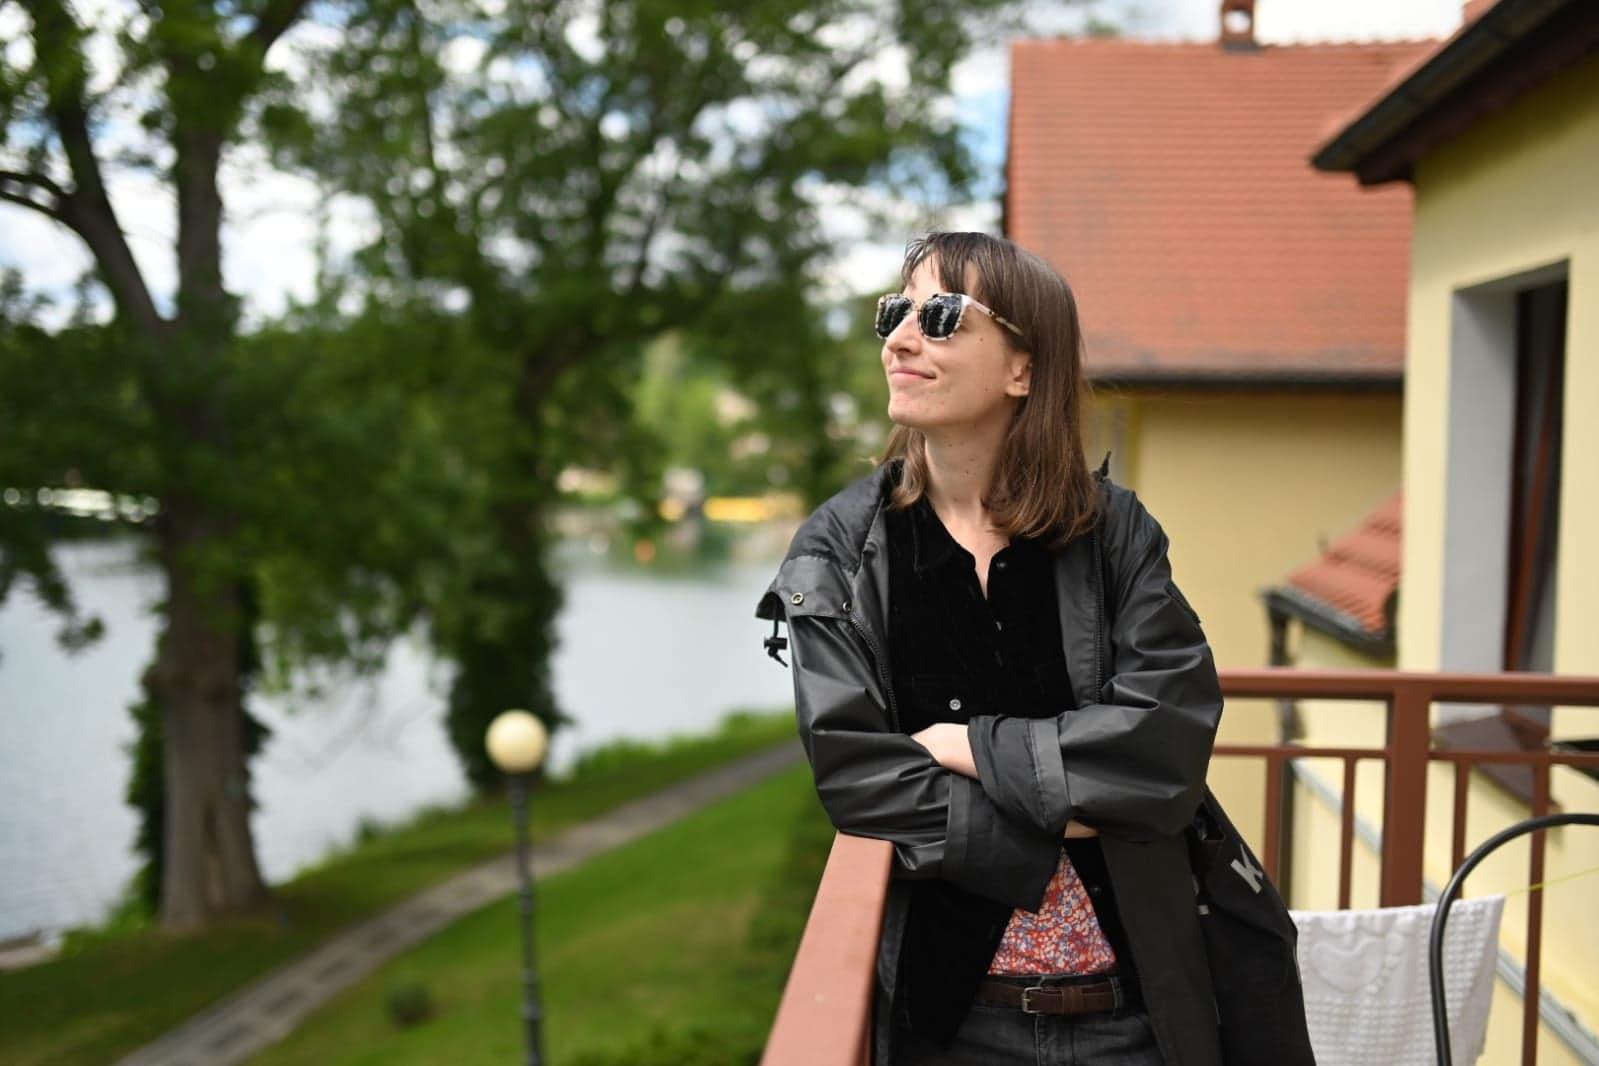 Radosne patrzenie w przyszłość, fot. Dawid Majewski